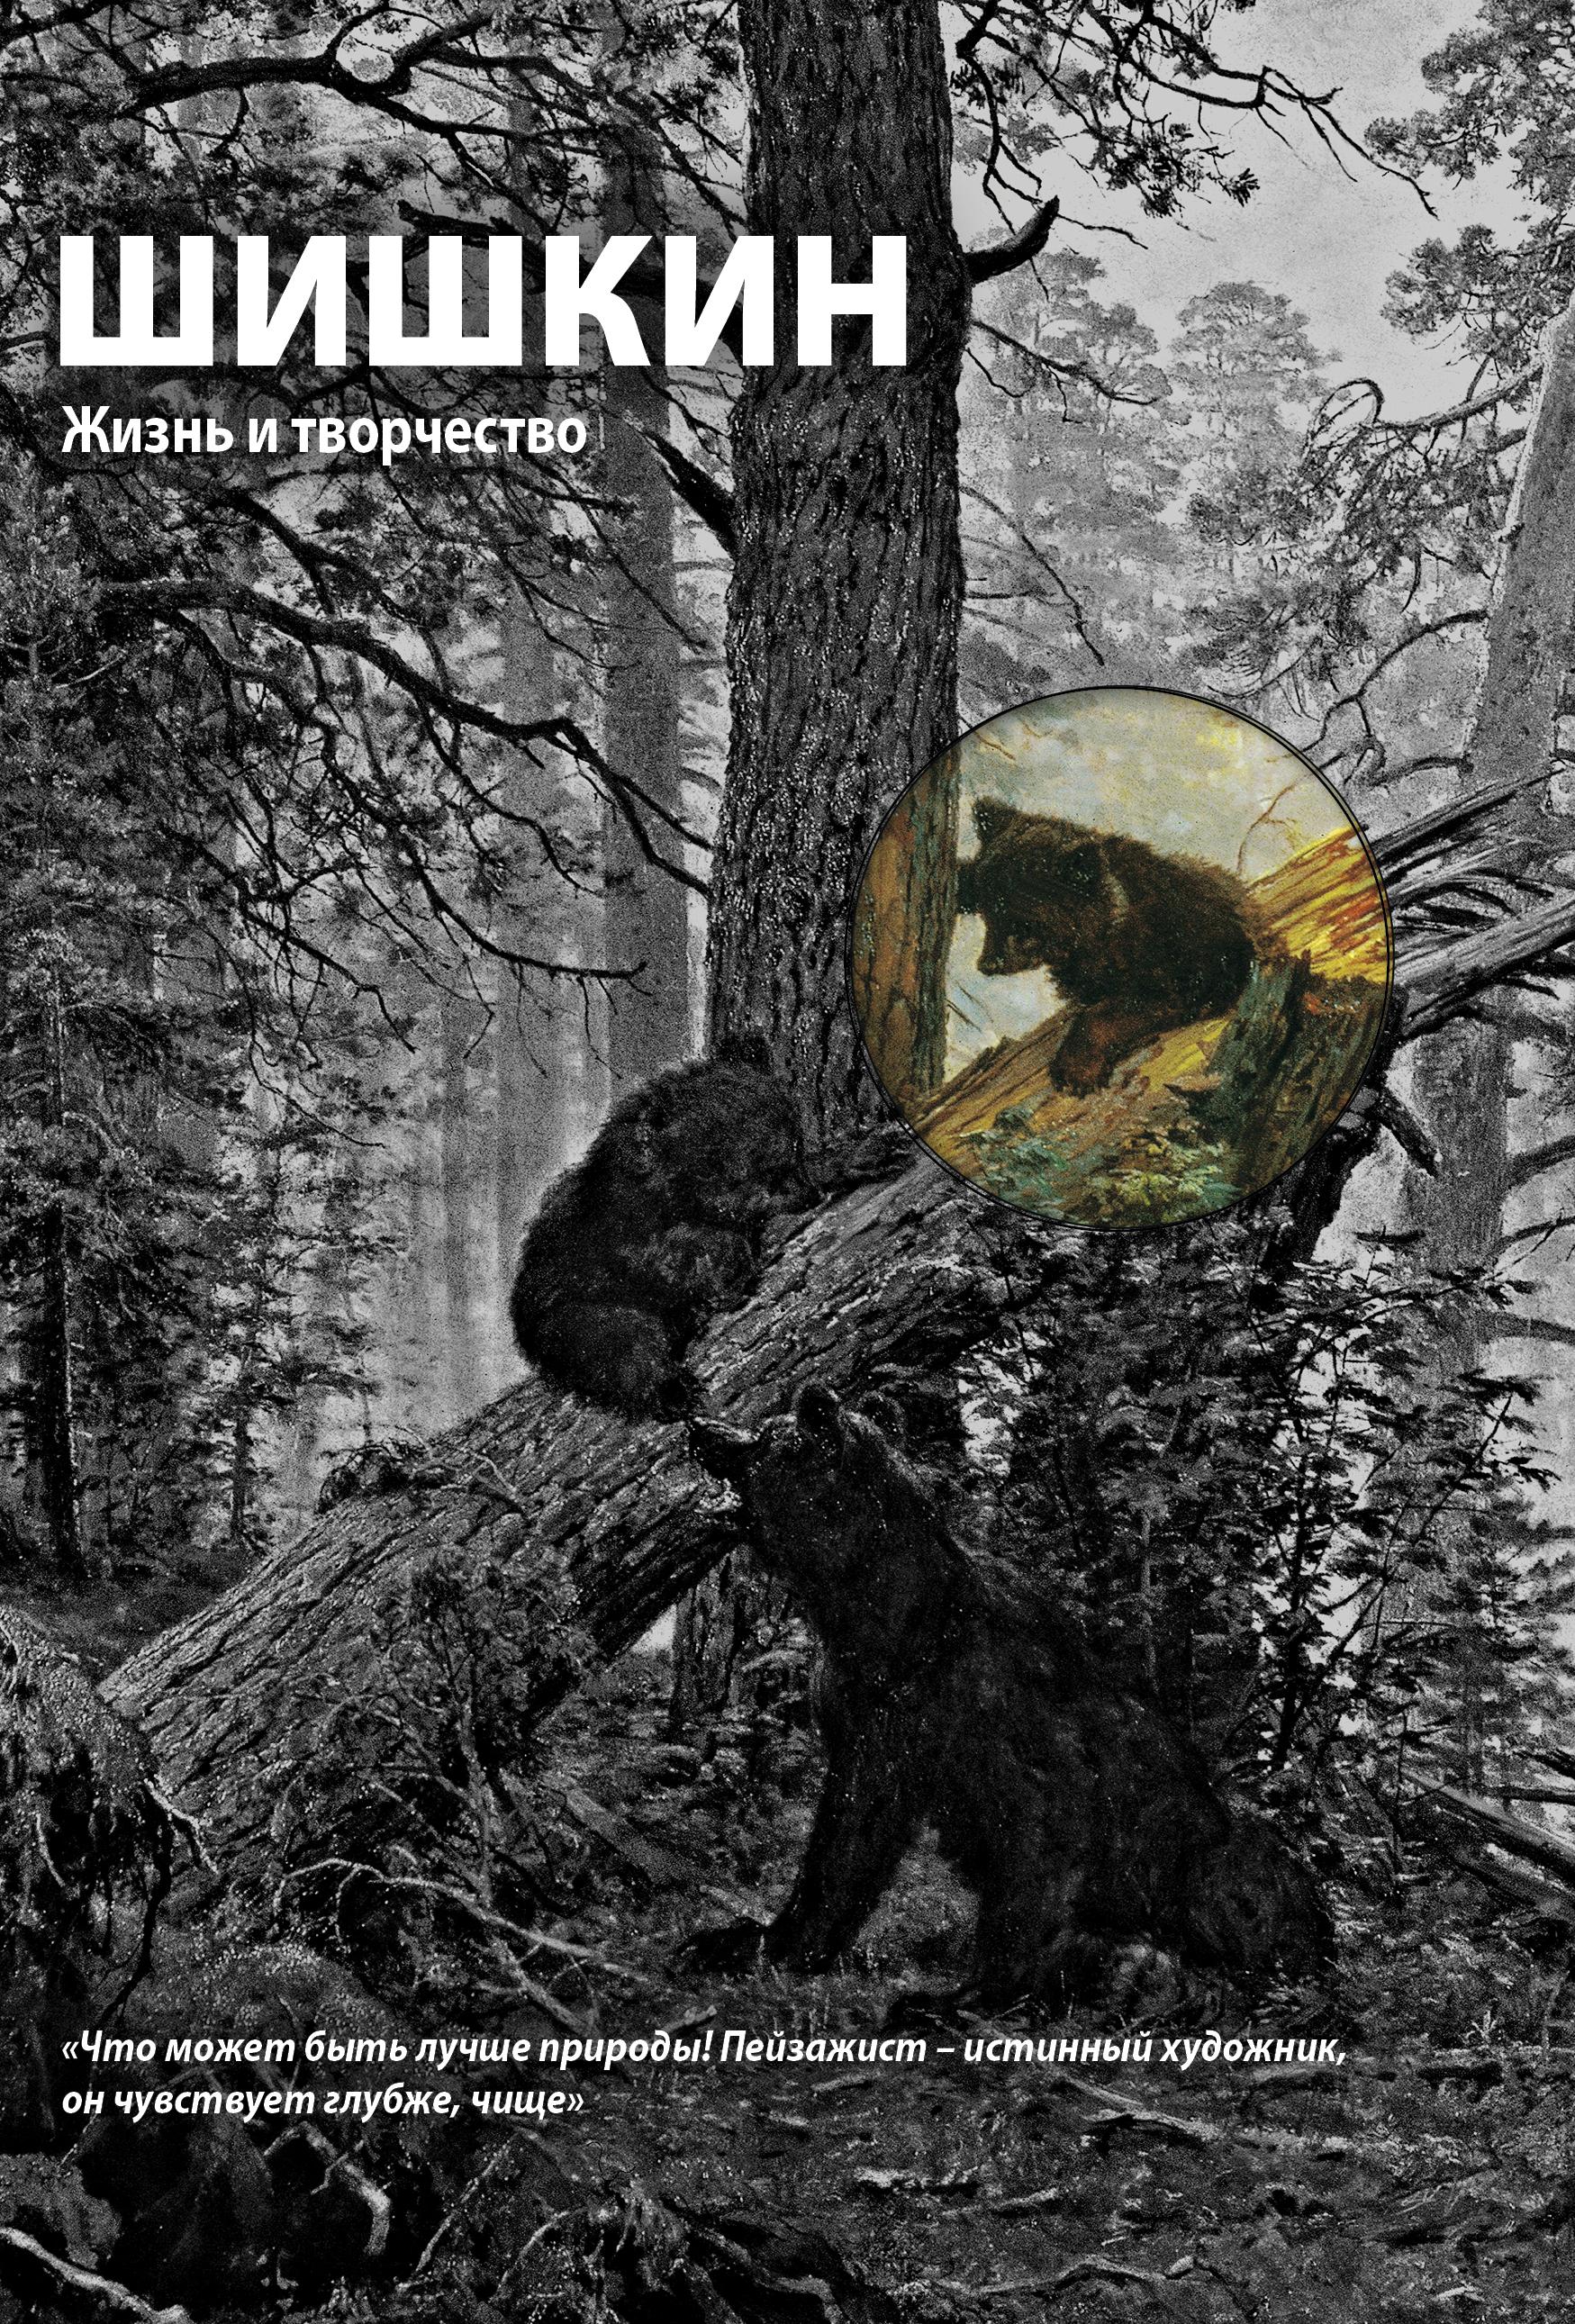 Шишкин. Жизнь и творчество ( Сарабьянов Д.В.  )